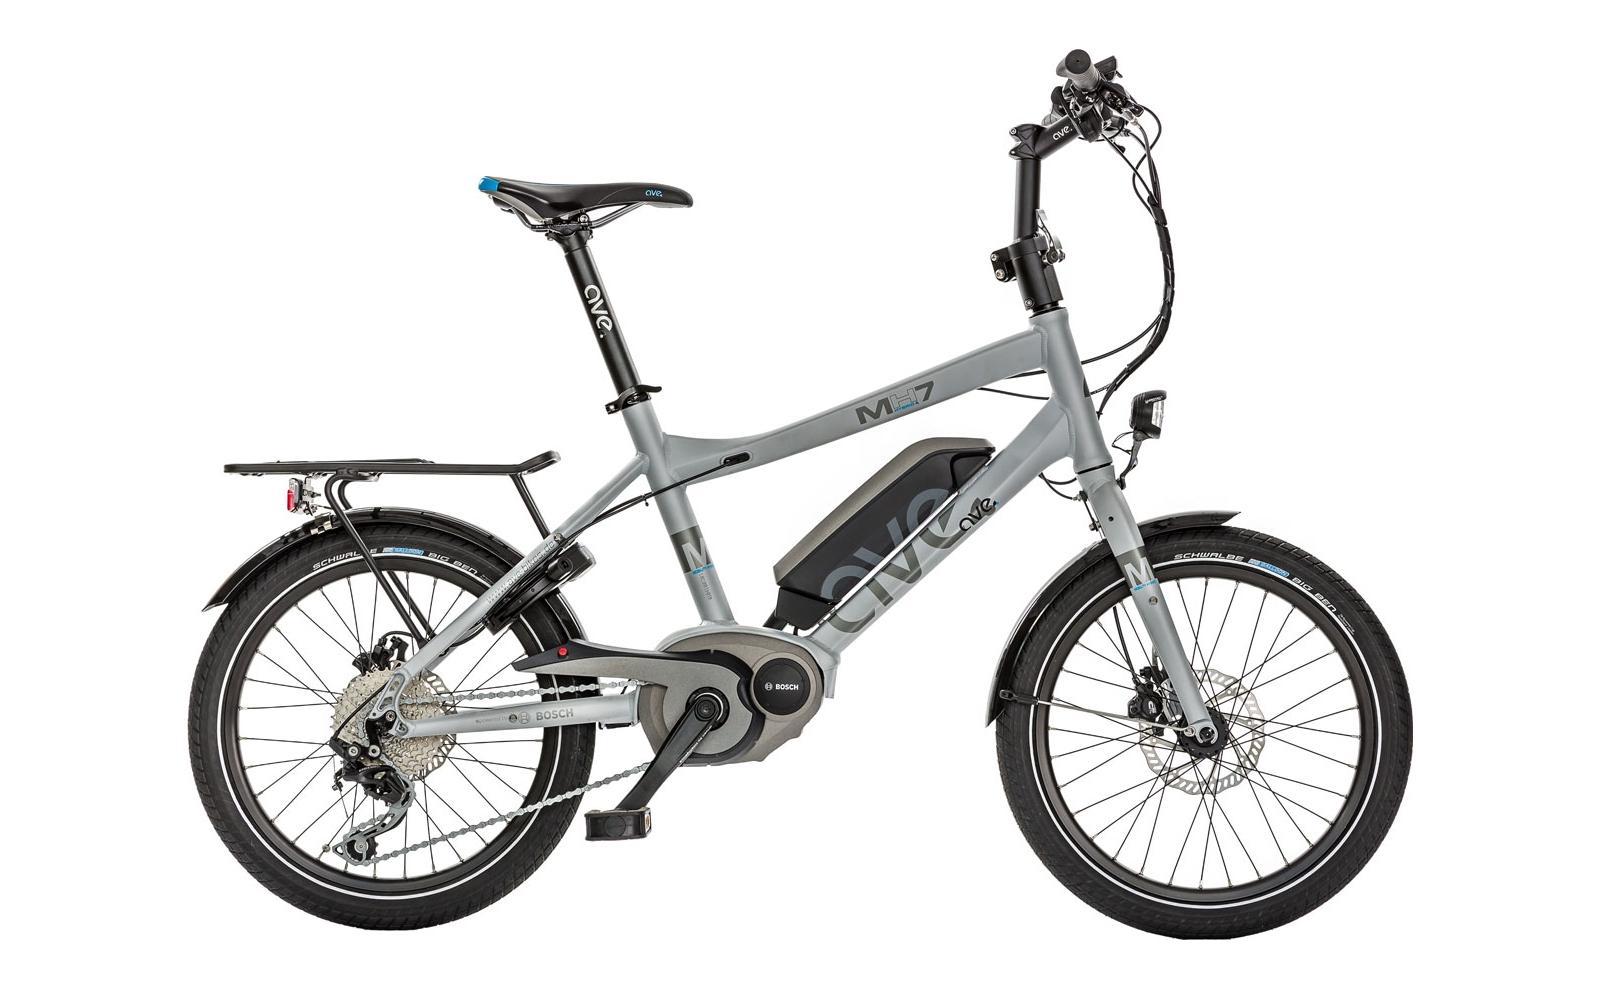 Ave Kompakt MH7 E-Bike 2015